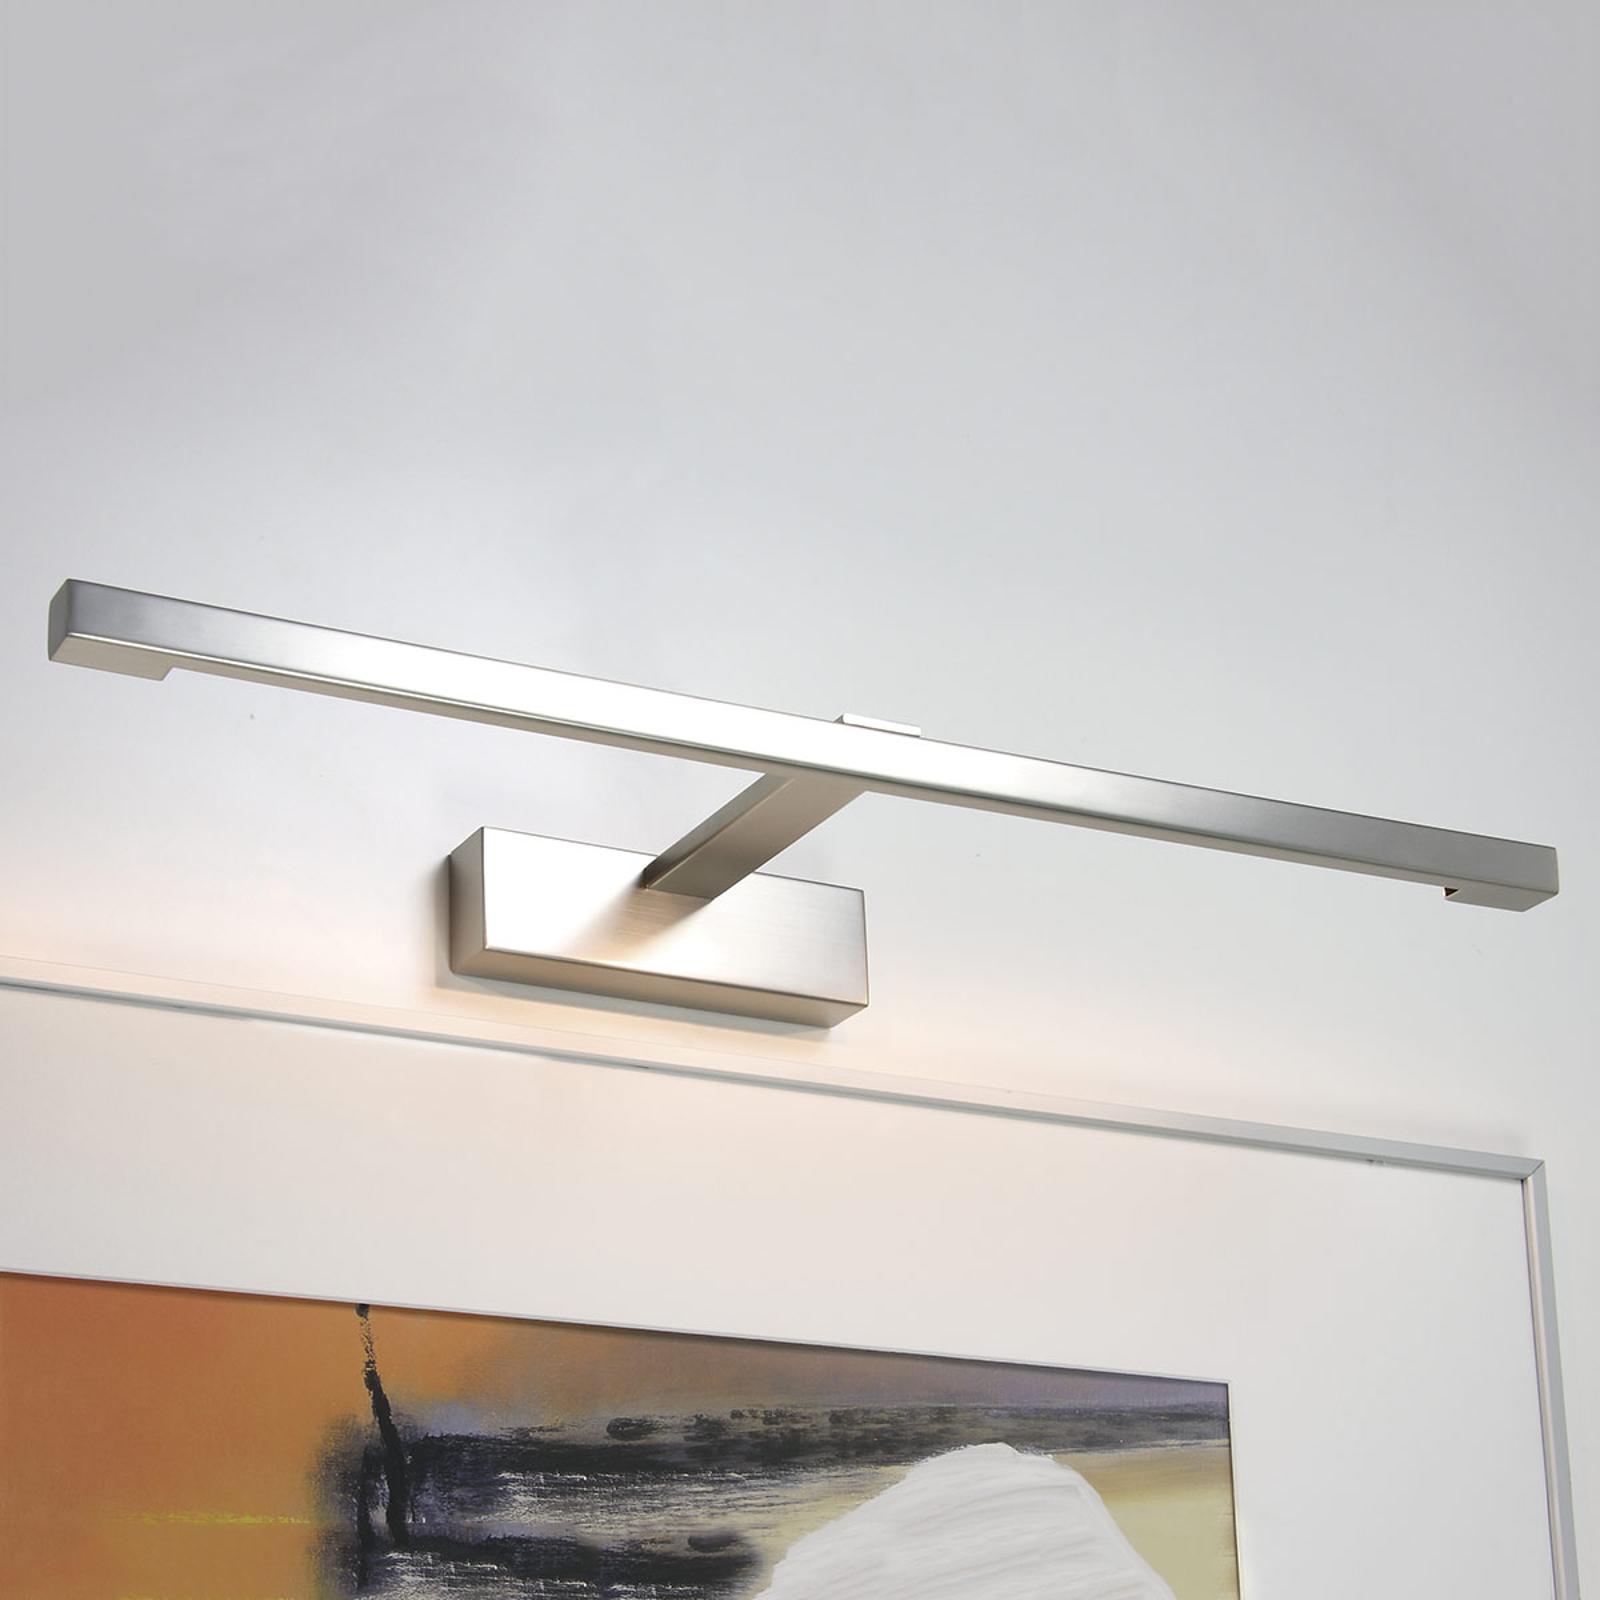 Moderne TEETOO 550 billedebelysning i nikkel med 1